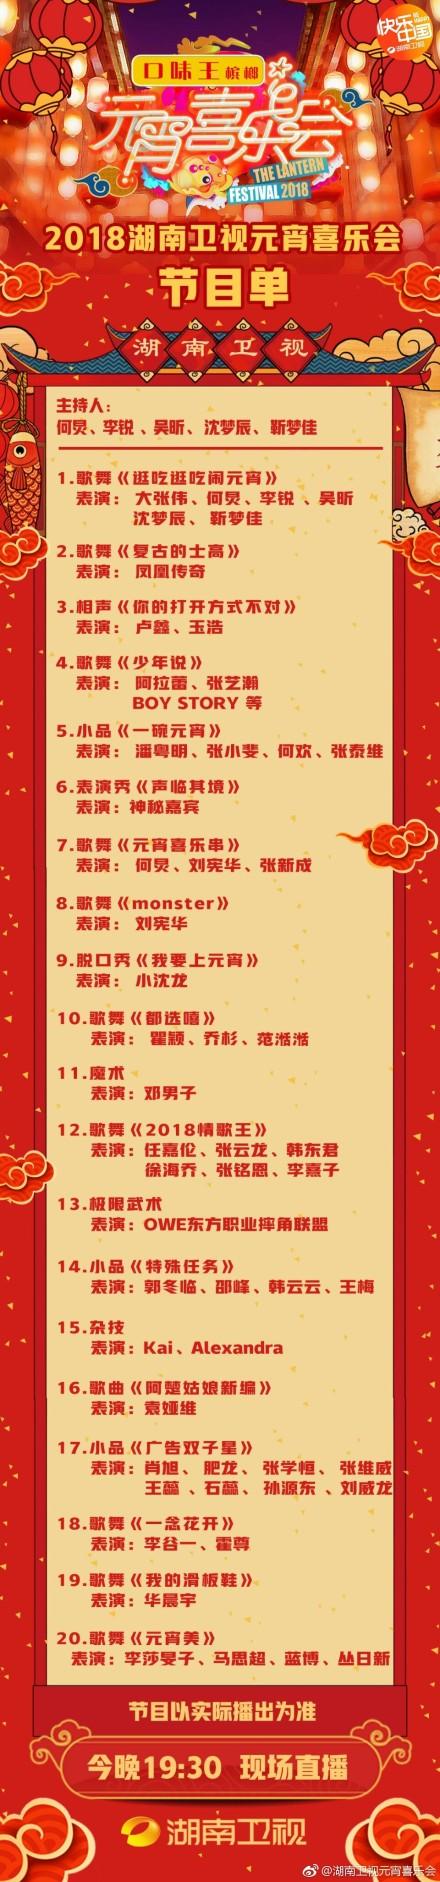 湖南电视台今天节目单